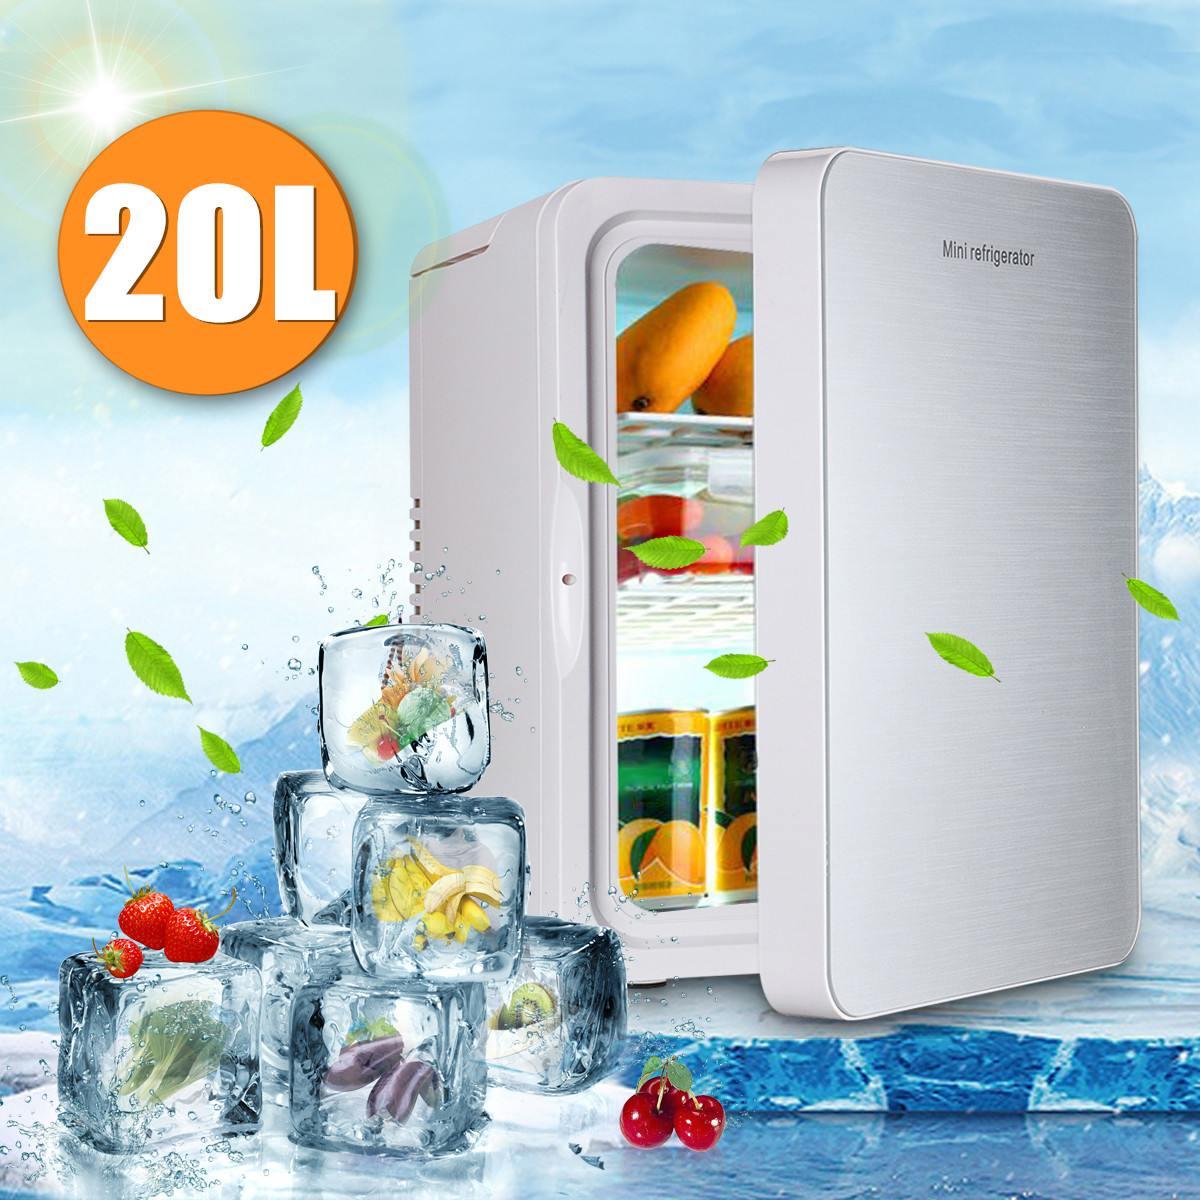 20L 12 В/220 В 56 Вт переносной мини холодильник автомобиль кемпинг домашний холодильник кулер и теплее одноядерный хорошее рассеивание тепла ни